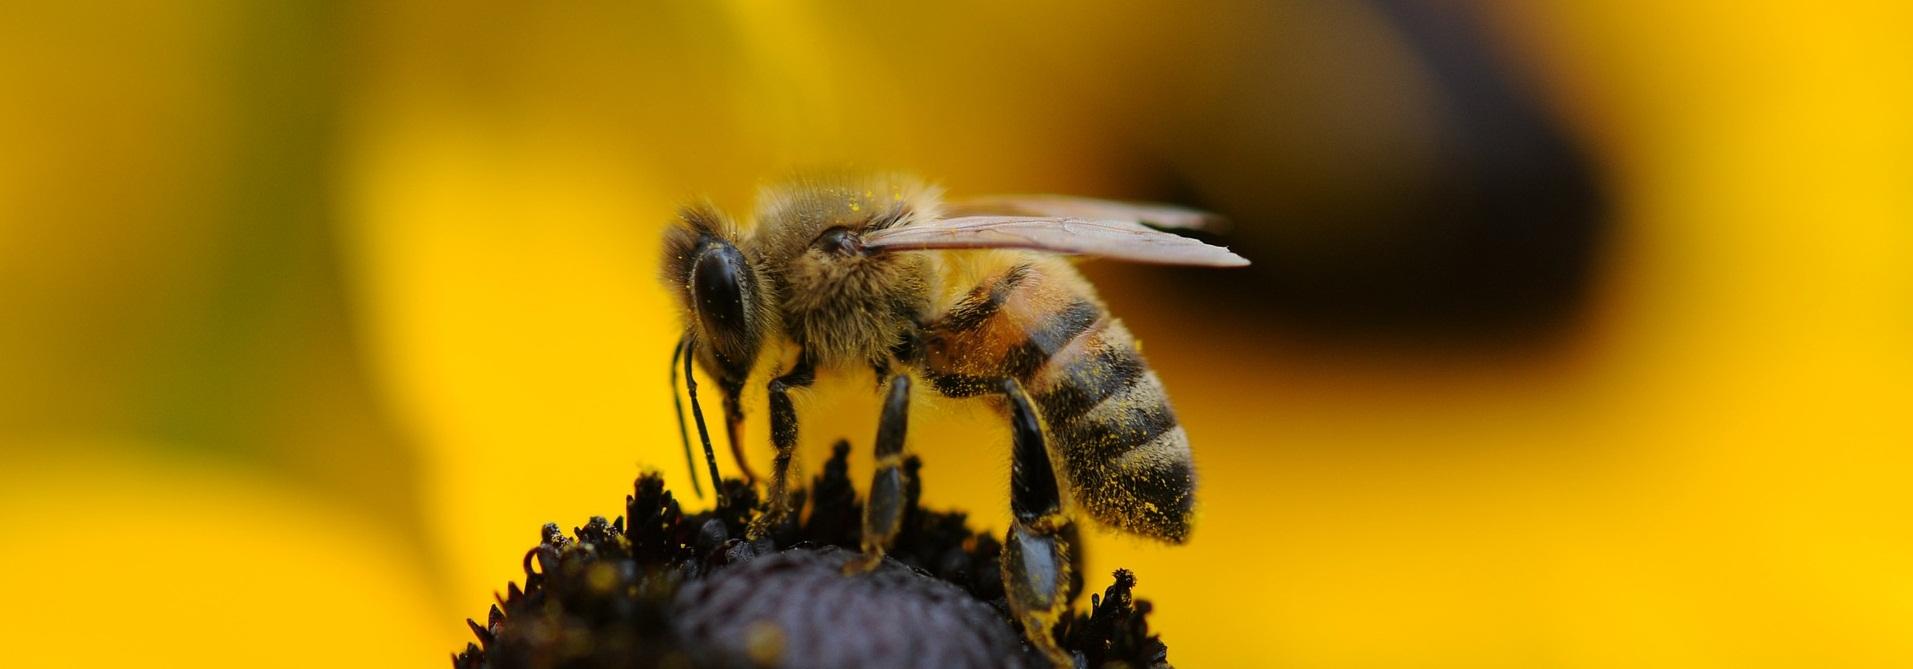 Biene_auf_blüte_zugeschnitten